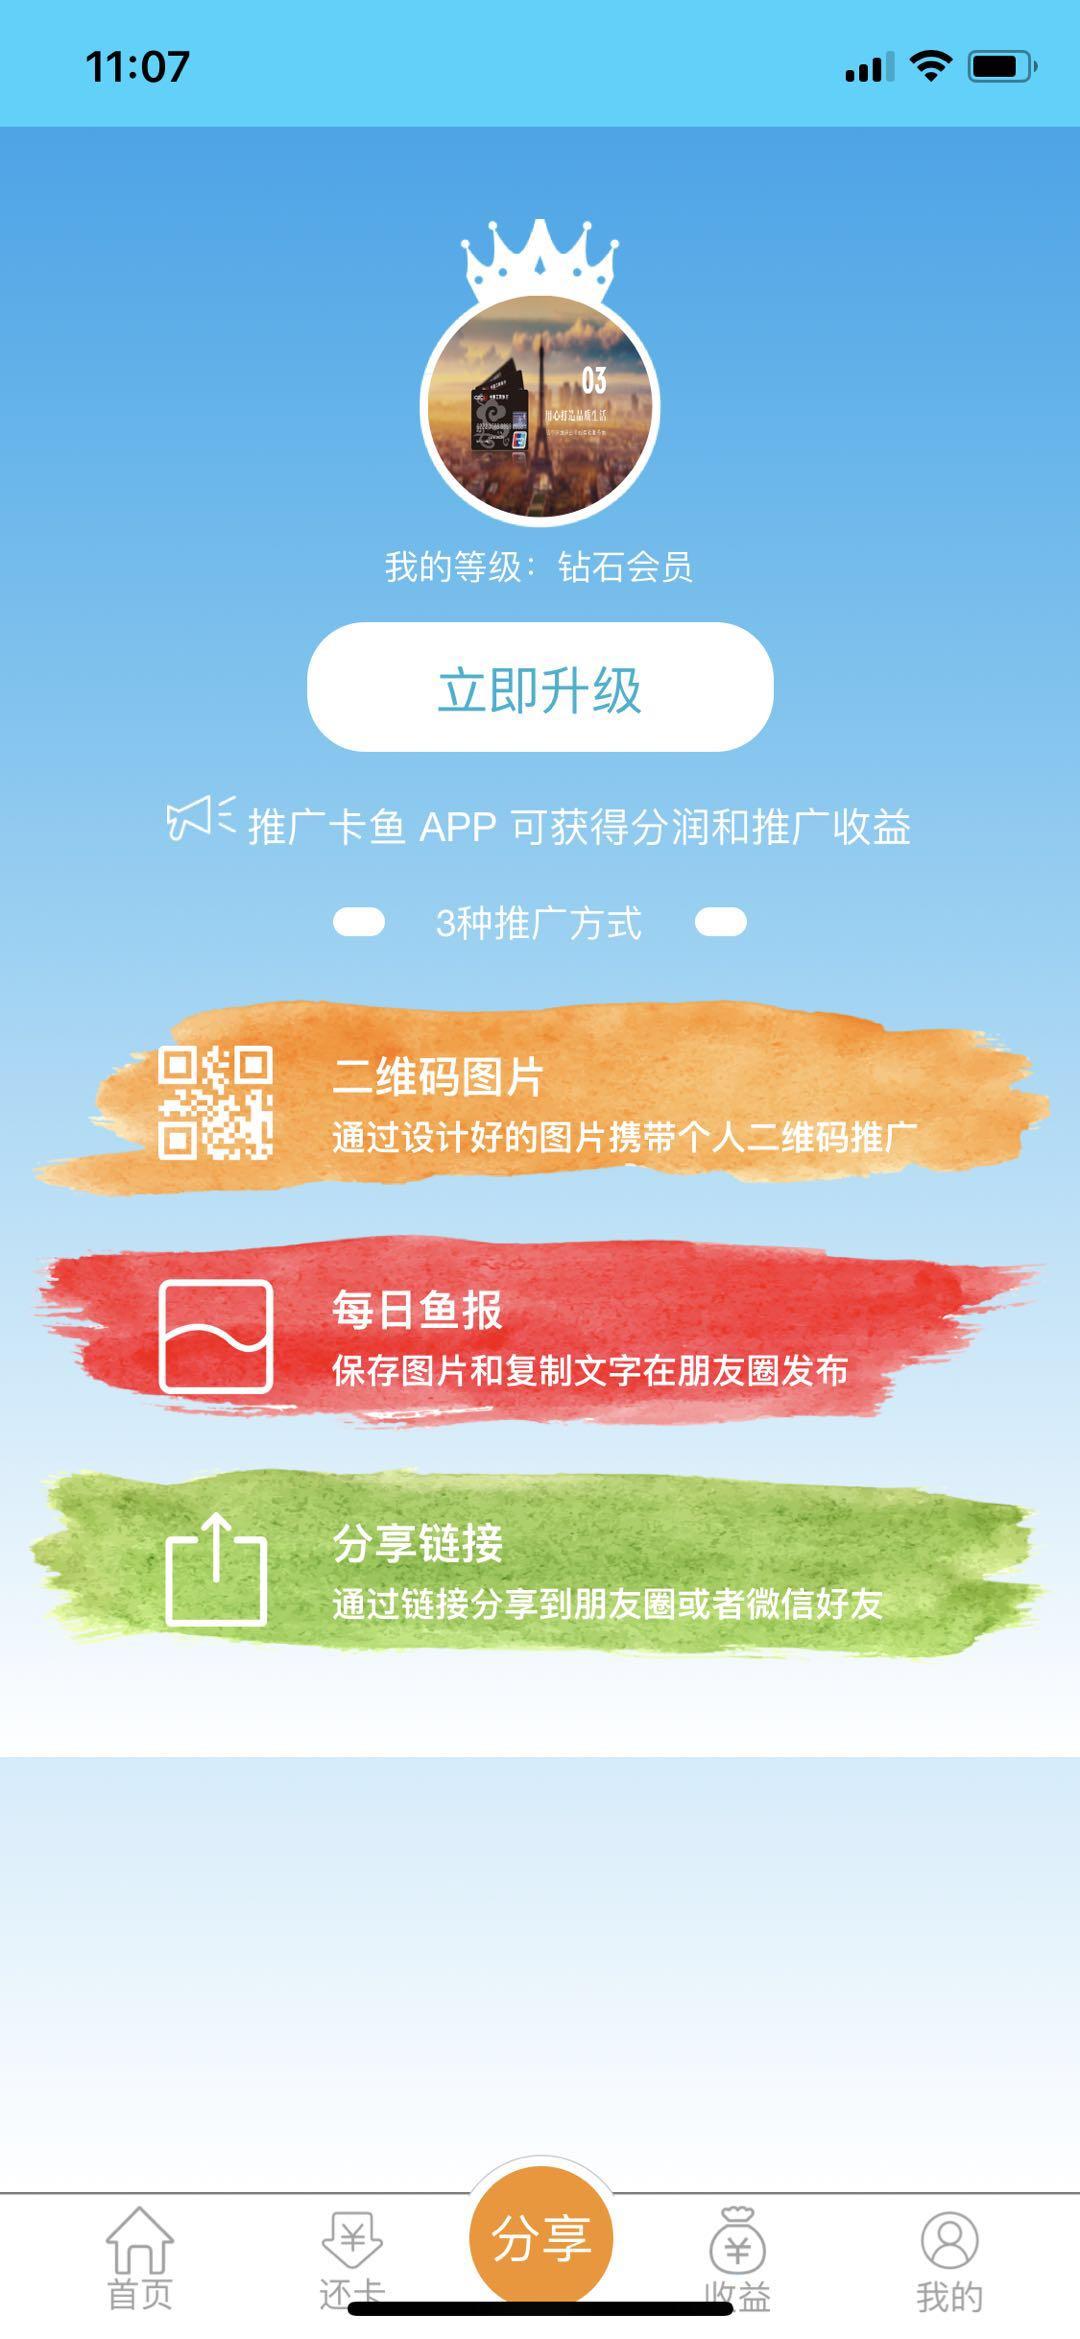 卡鱼app一键分享